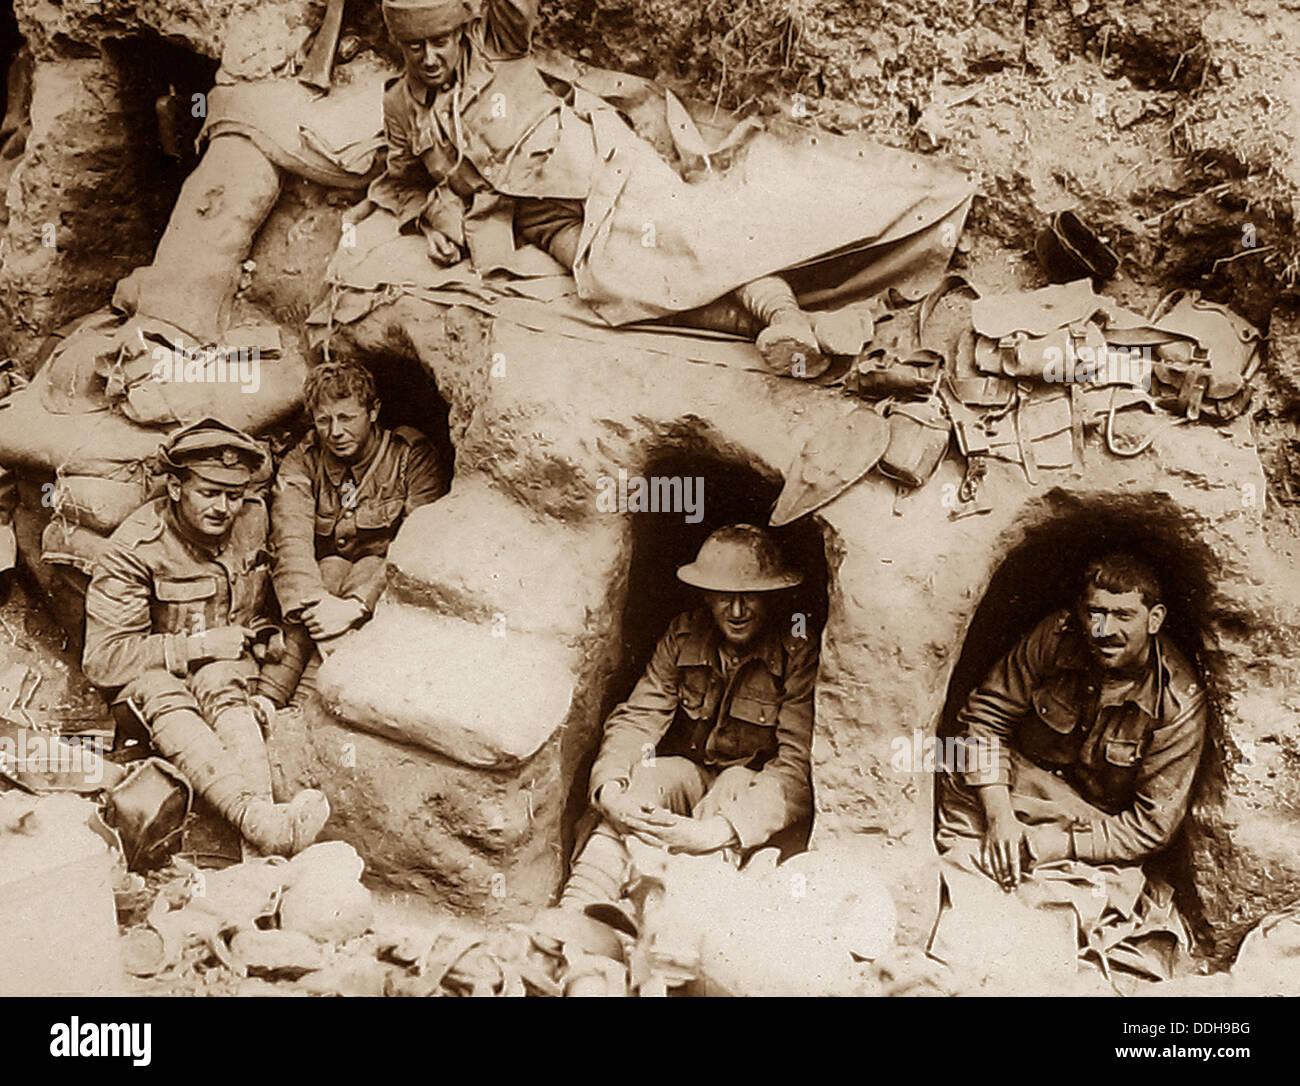 Britische Truppen in erbeuteten deutschen Einbäume während WW1 Stockbild